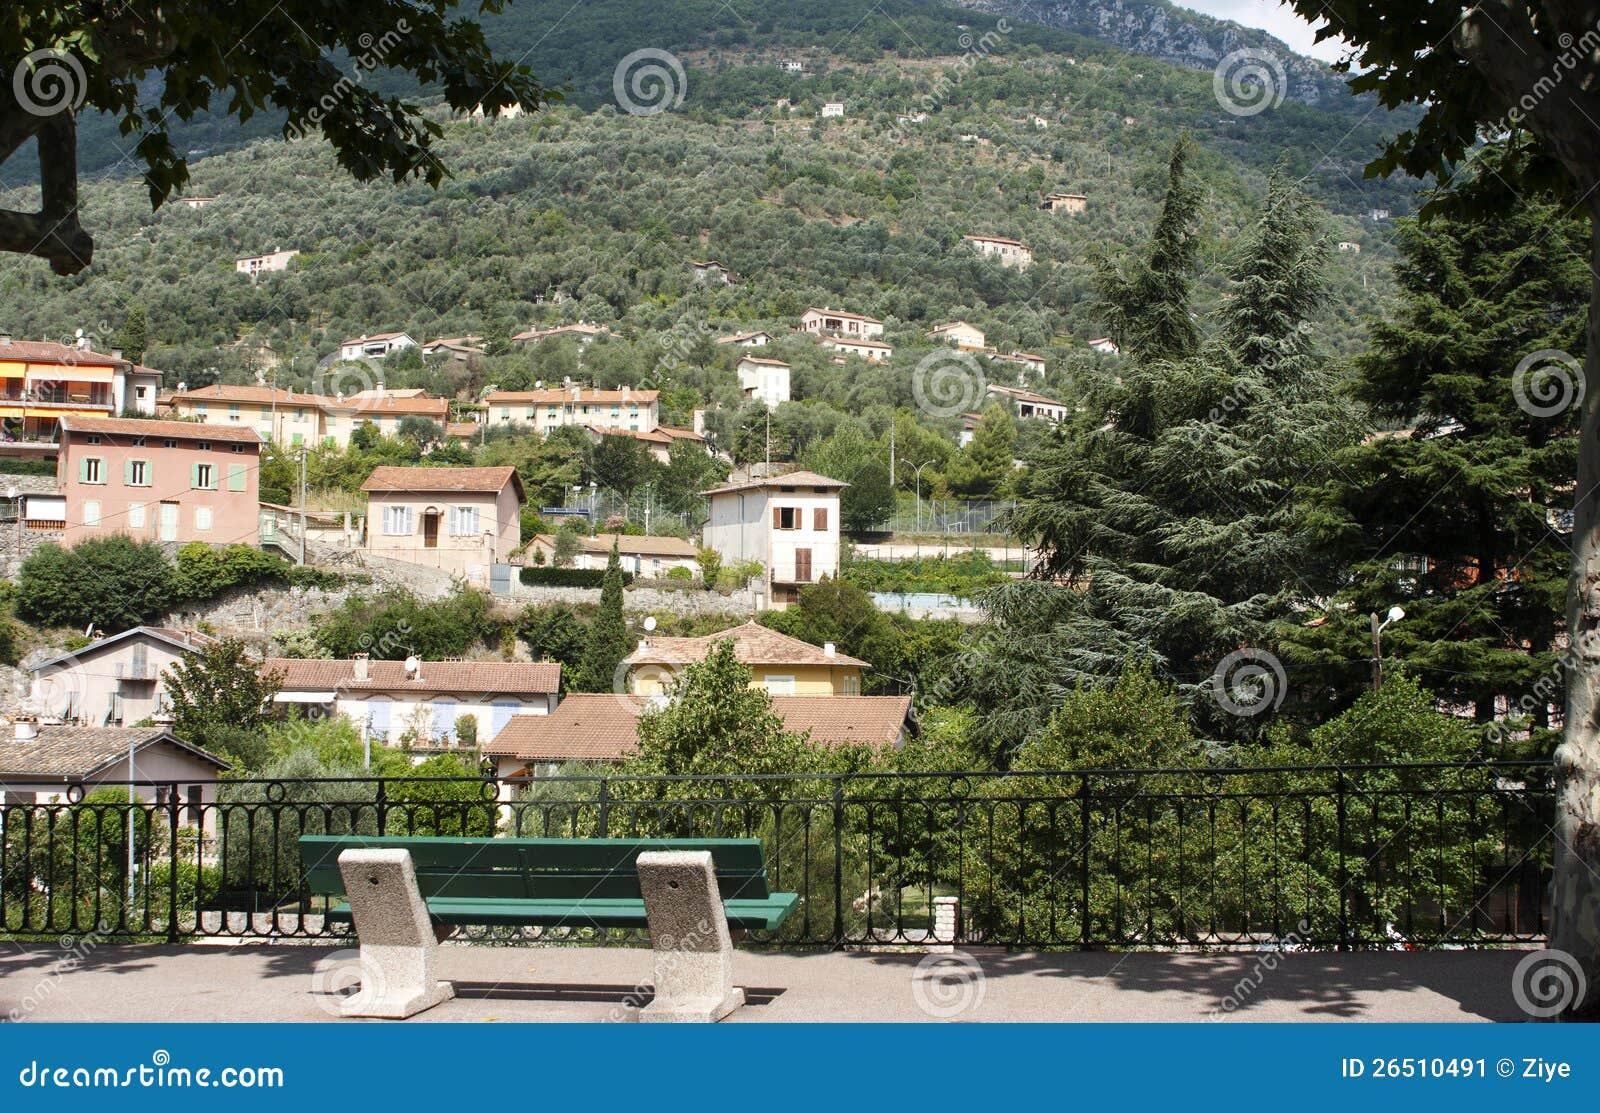 Breil-sur-Roya, Alpes-Maritimes, France